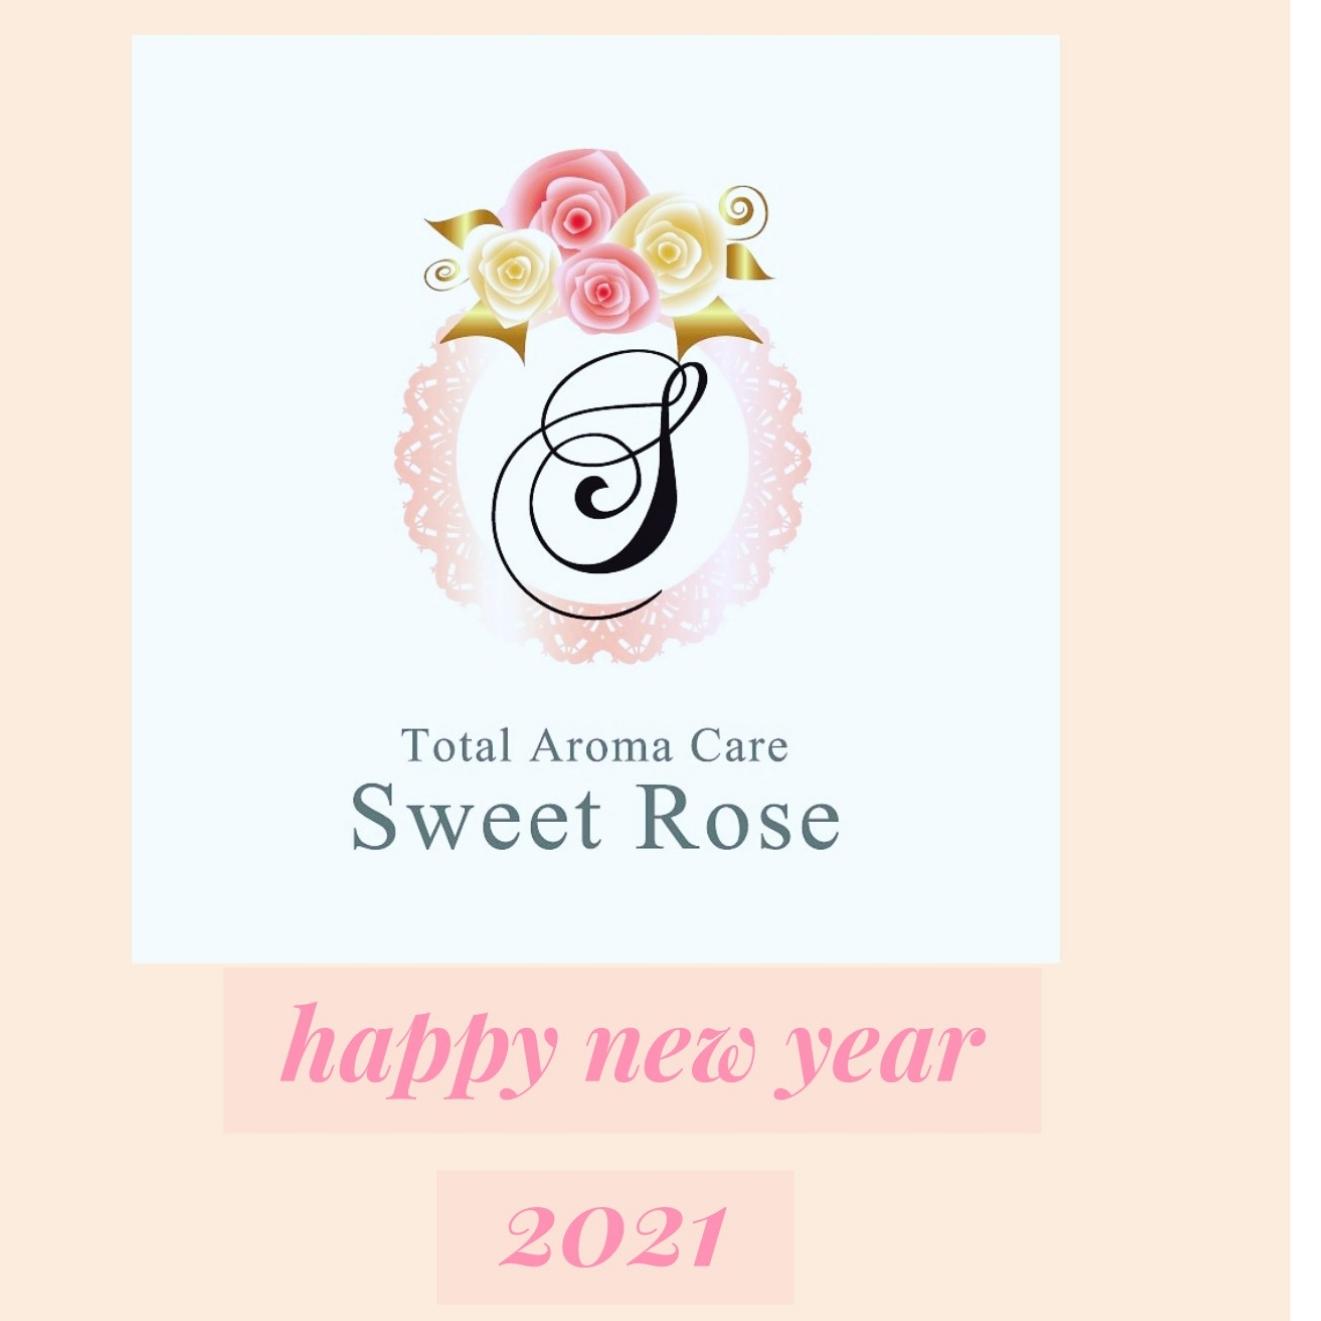 2021 あけましておめでとうございます。